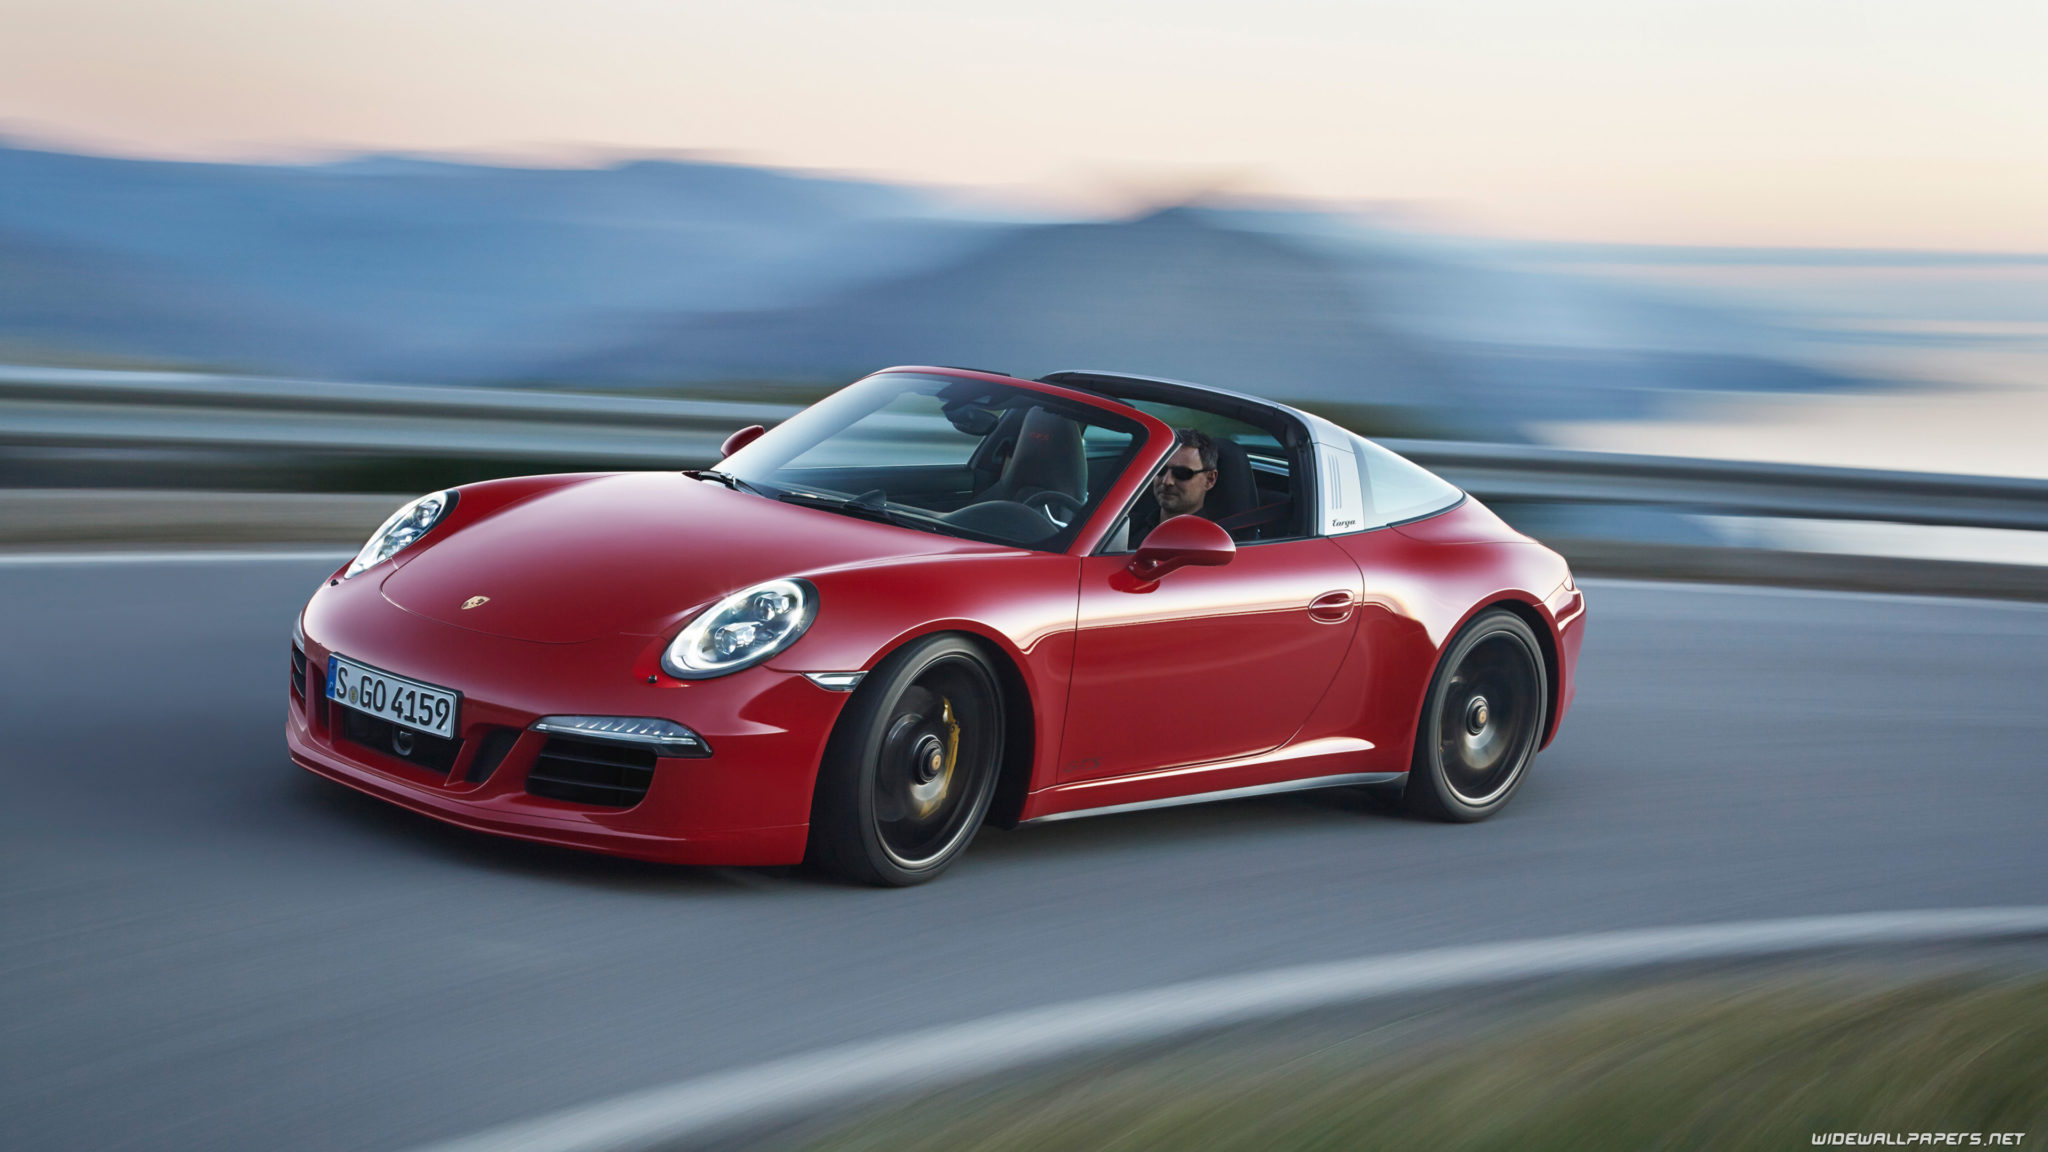 Порше 911 Тагра ГТС: обзор,технические характеристики,комплектация,фото,видео,цена,габариты.